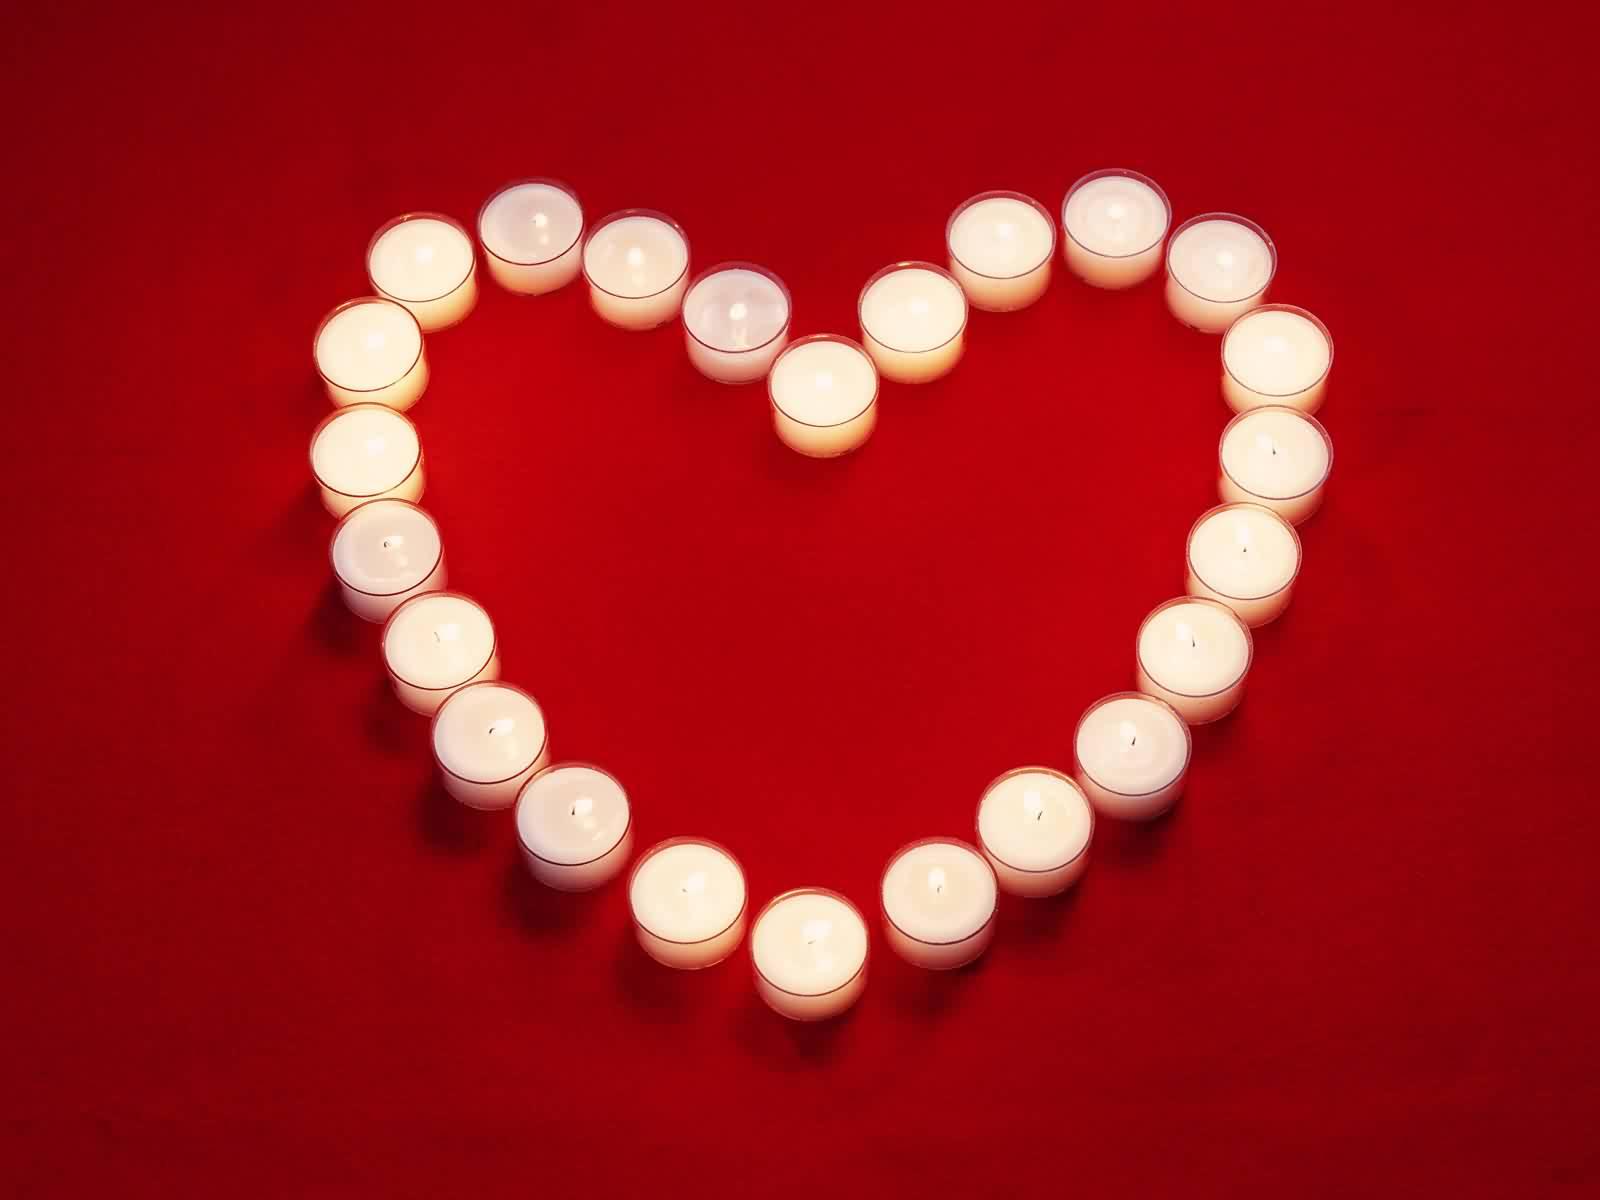 сердце из свечек, скачать фото, обои для рабочего стола, heart